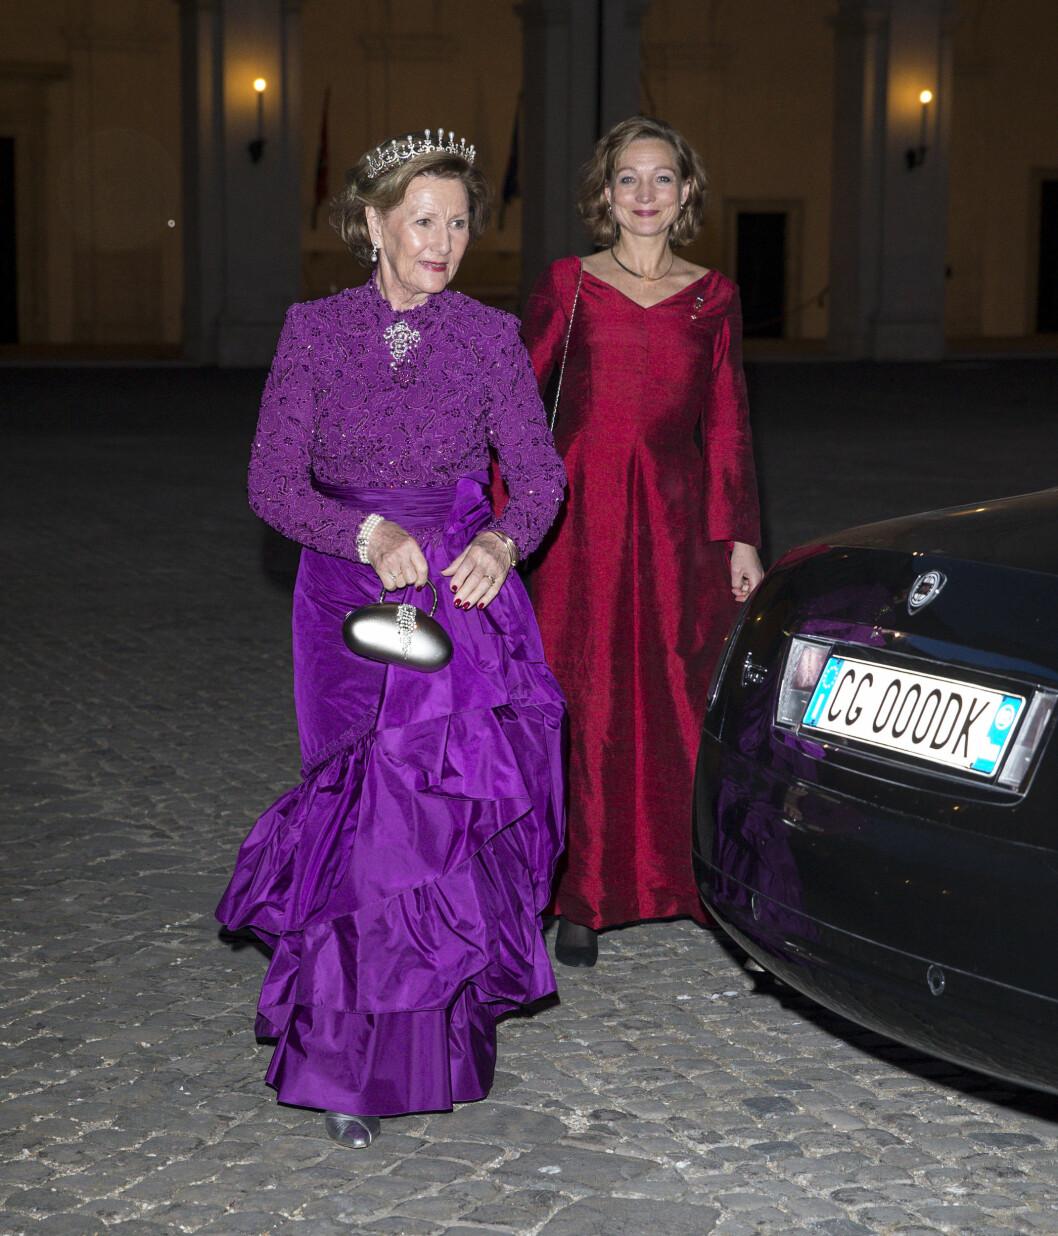 VAKKER: Dronning Sonja strålte hun da hun ankom kveldens statsbankett sammen med sin nære medarbeider Maisen Bonnevie. Foto: Andreas Fadum/Se og Hør